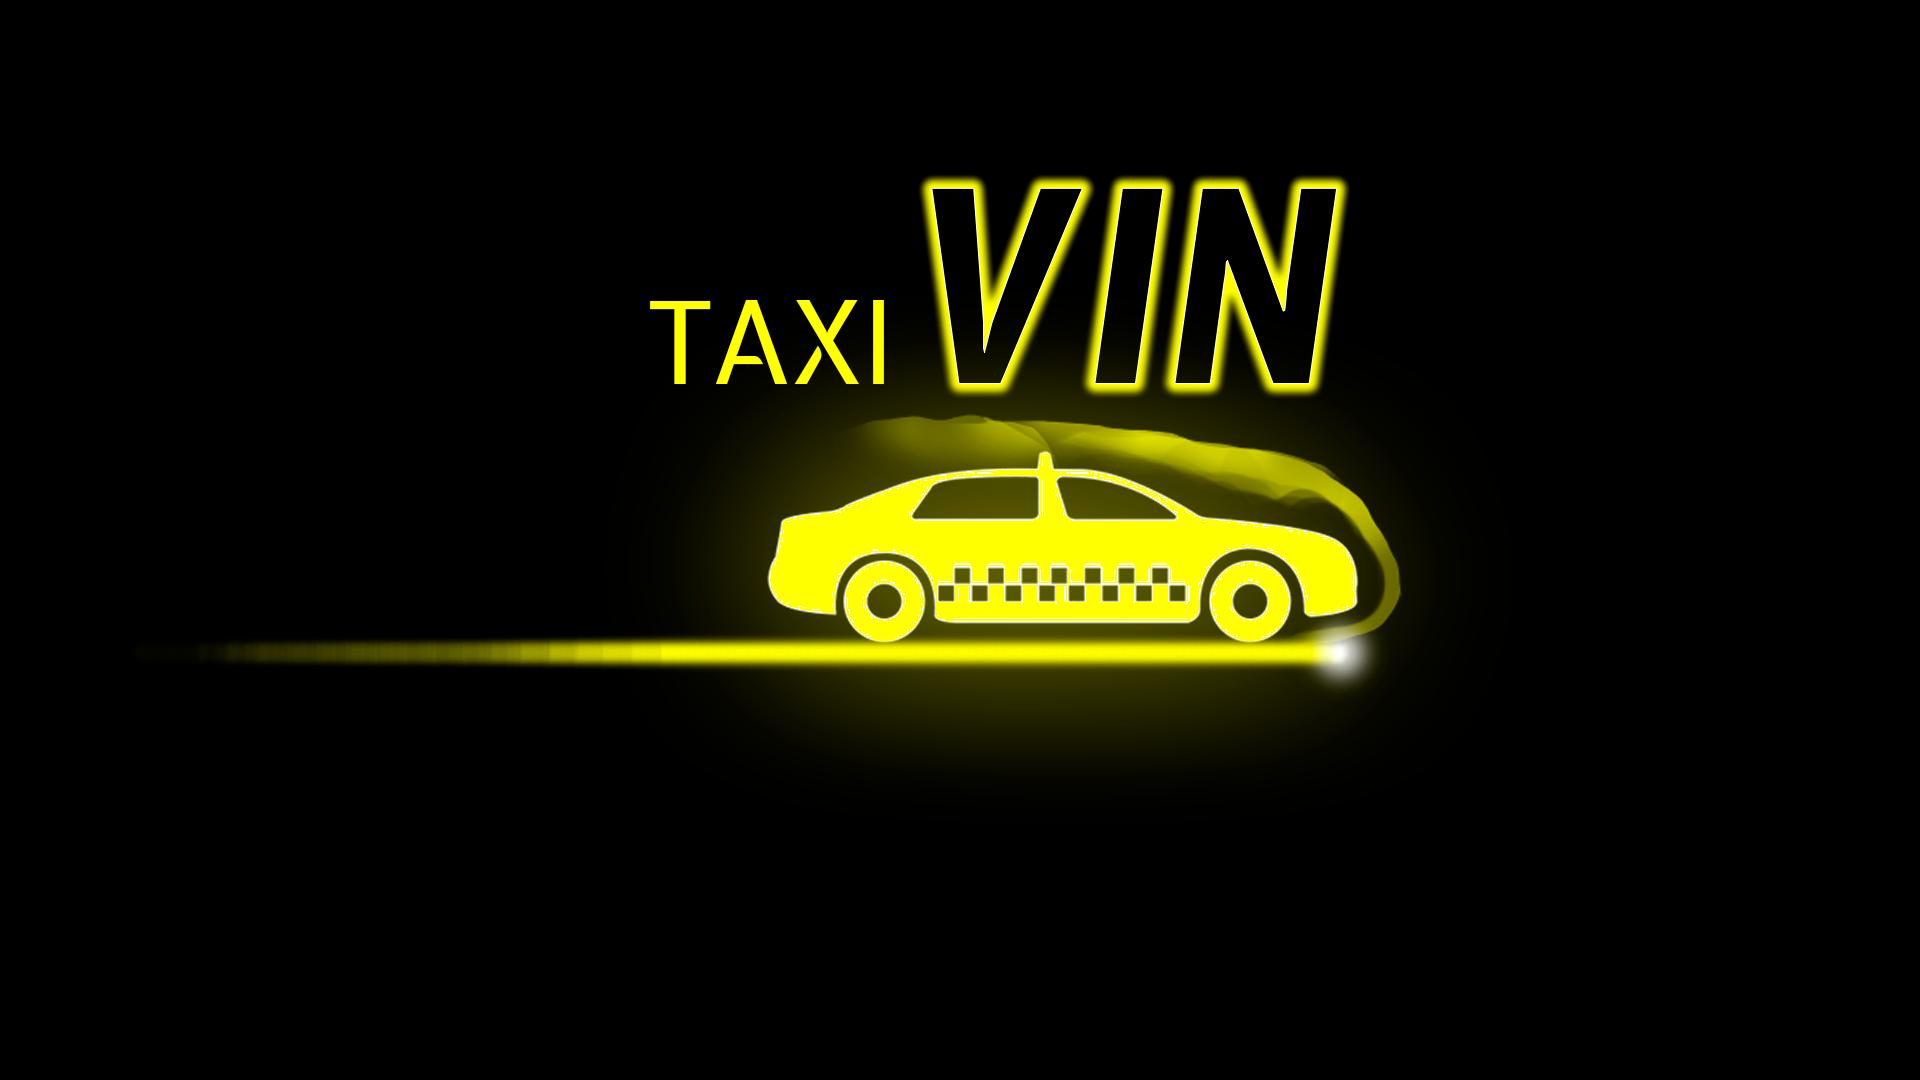 Разработка логотипа и фирменного стиля для такси фото f_1525b91918a39c28.png